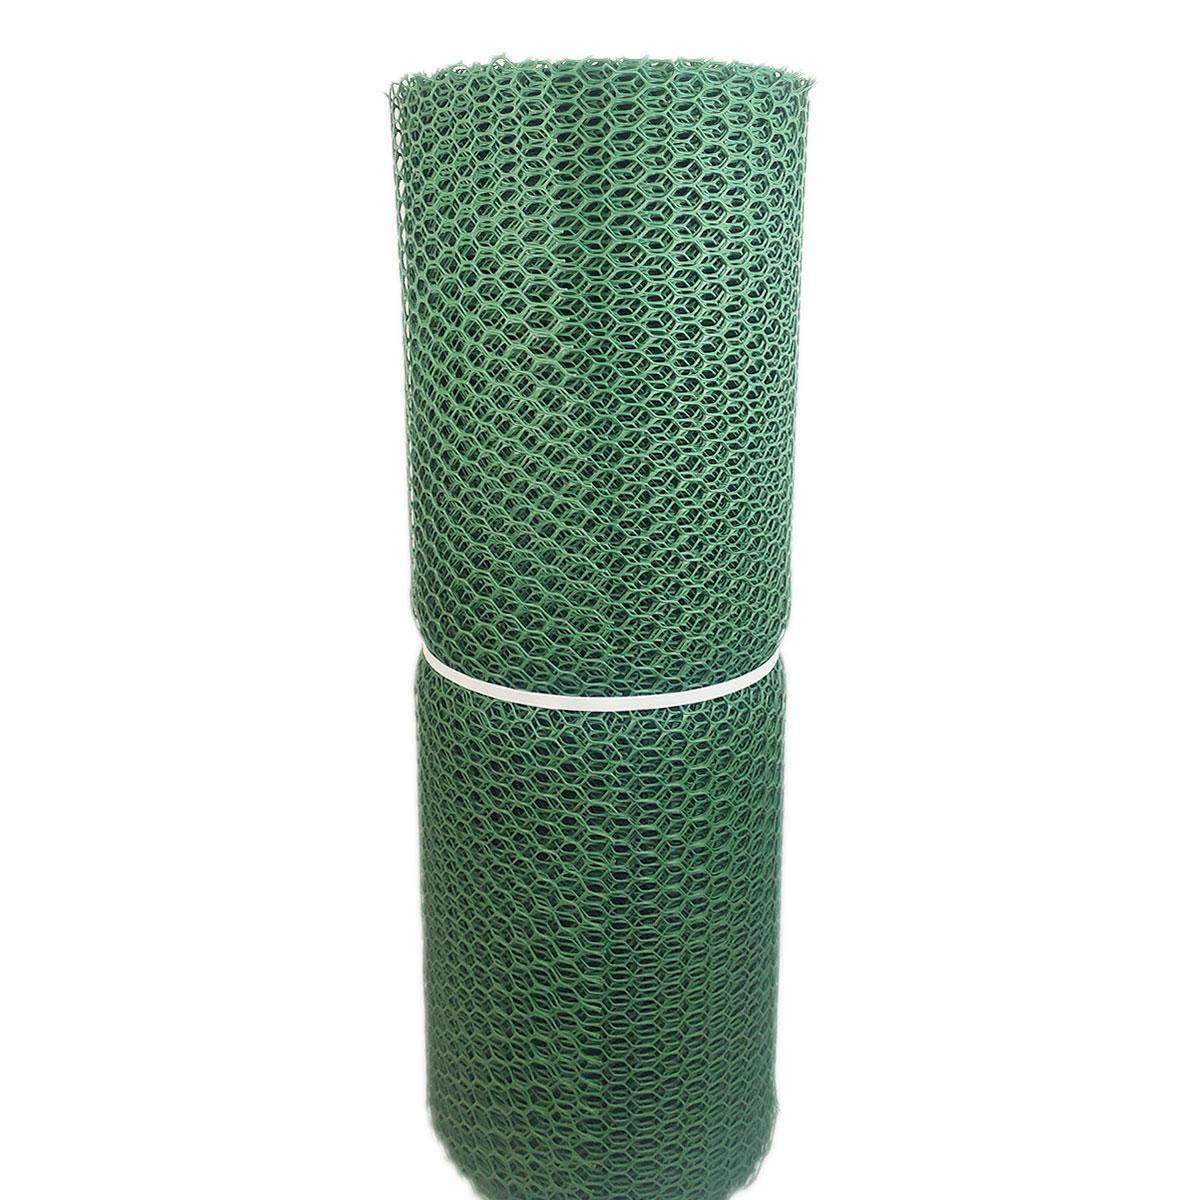 Сетка для защиты деревьев и плодовых кустов от птиц высота 50 см х 30 м ячейка 20х20 мм (темно-зеленая)